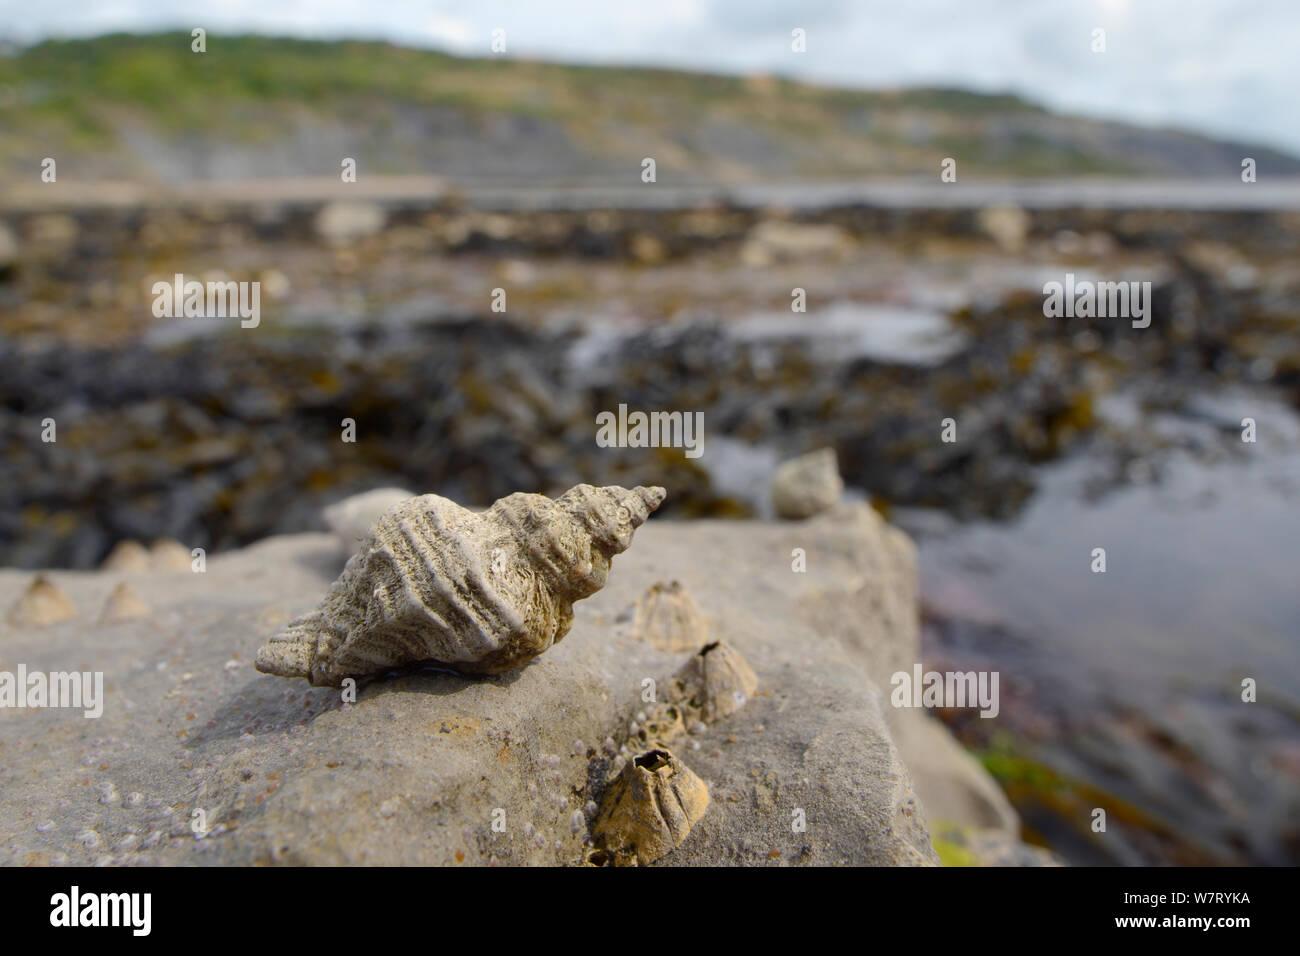 Europäische Auster Bohren/Stechen winkle (Ocenebra Erinacea) ein schädling der Austernbänke, auf den Felsen an der Küste neben Acorn barnacles (Balanus perforatus) bei Ebbe freiliegenden, mit Algen, Rock Pools und das Meer im Hintergrund, Lyme Regis, Dorset, UK, Mai. Stockfoto